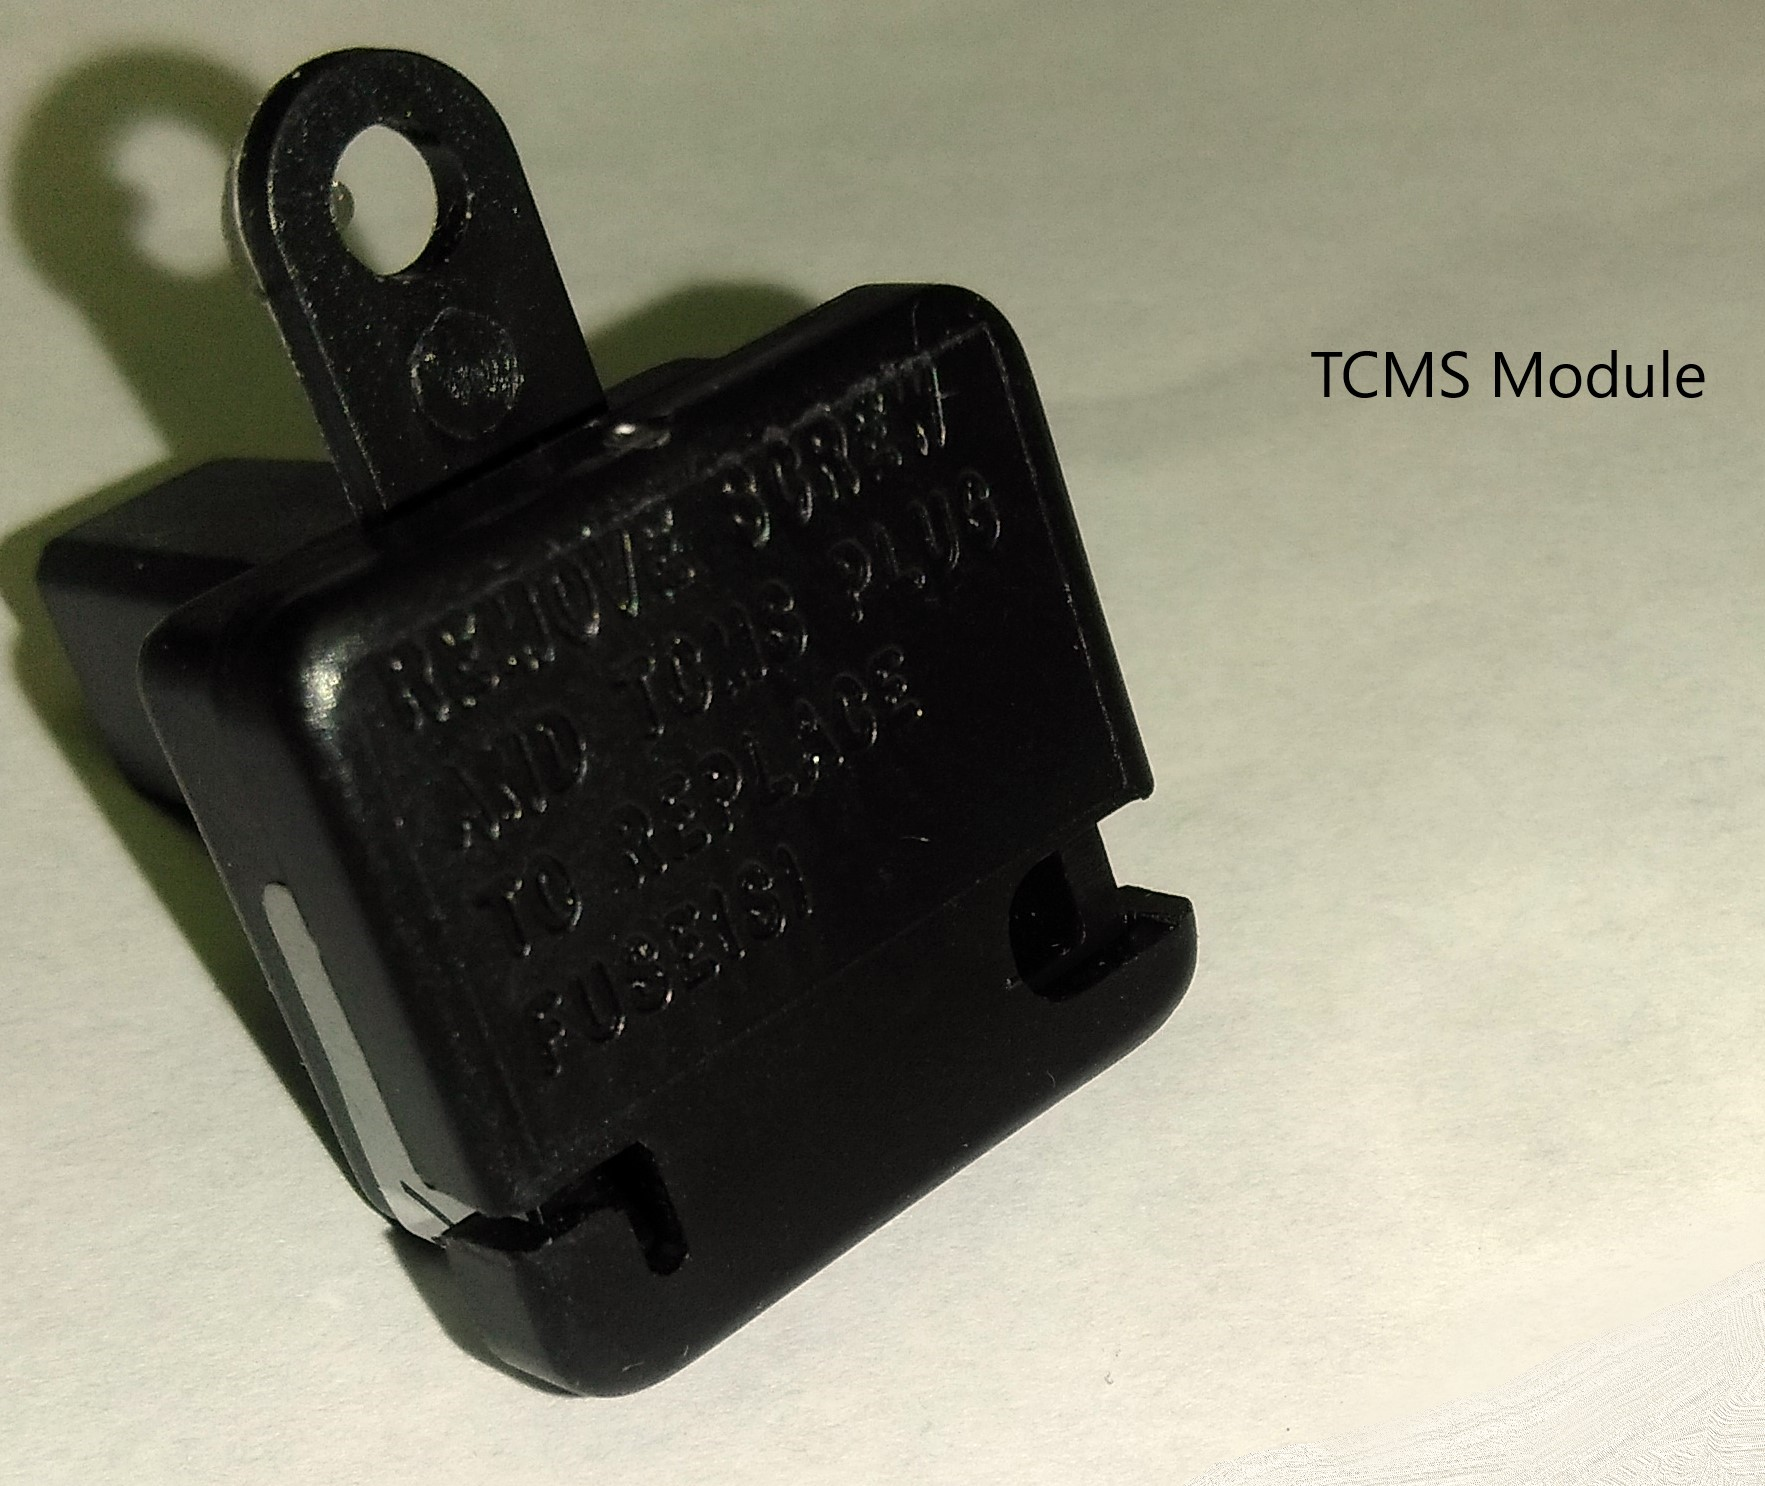 TCMS MODULE; 13.2 VOLTS